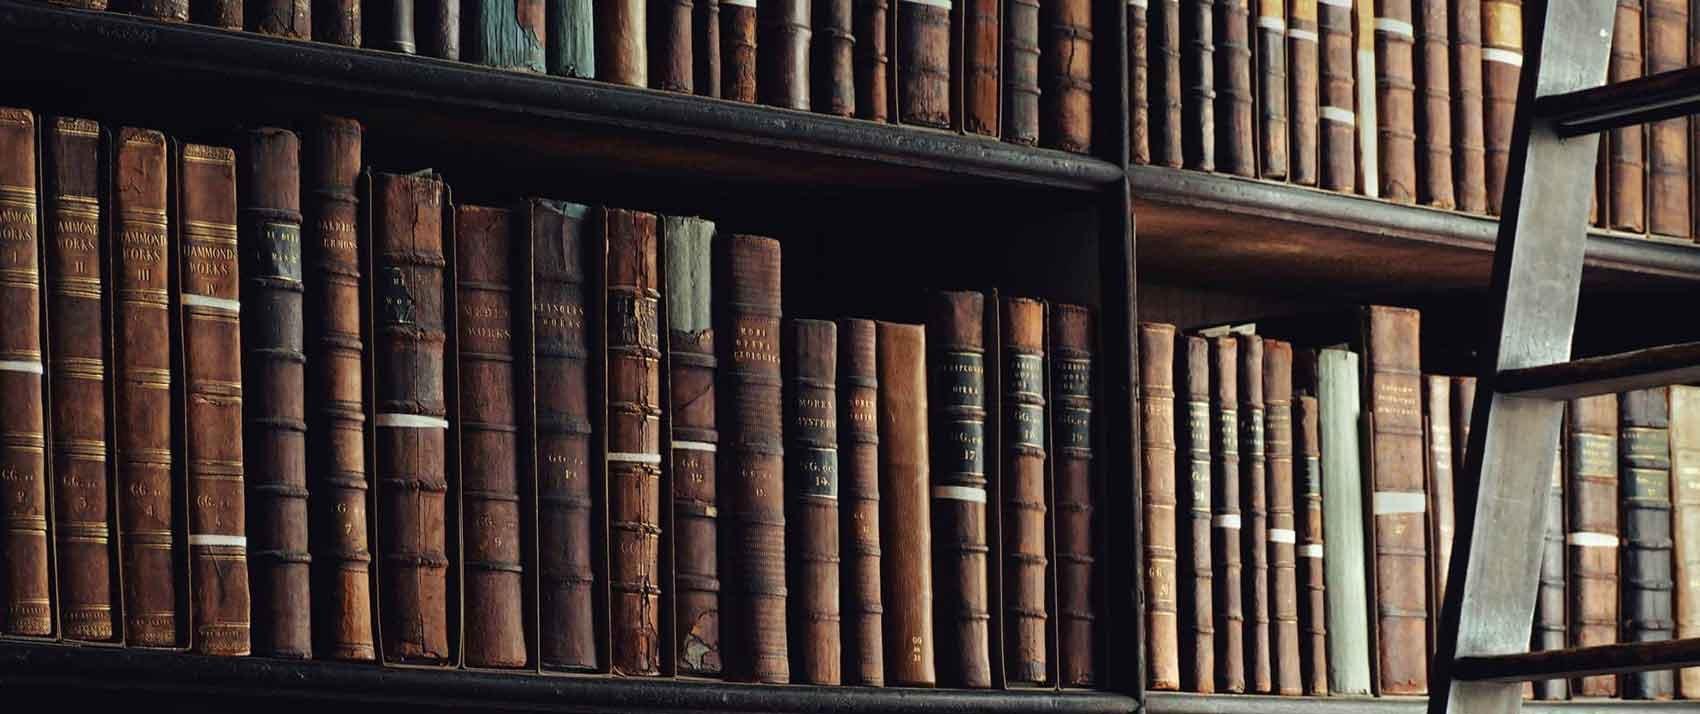 Books banner - valentin-rechitean-366196-unsplash-1